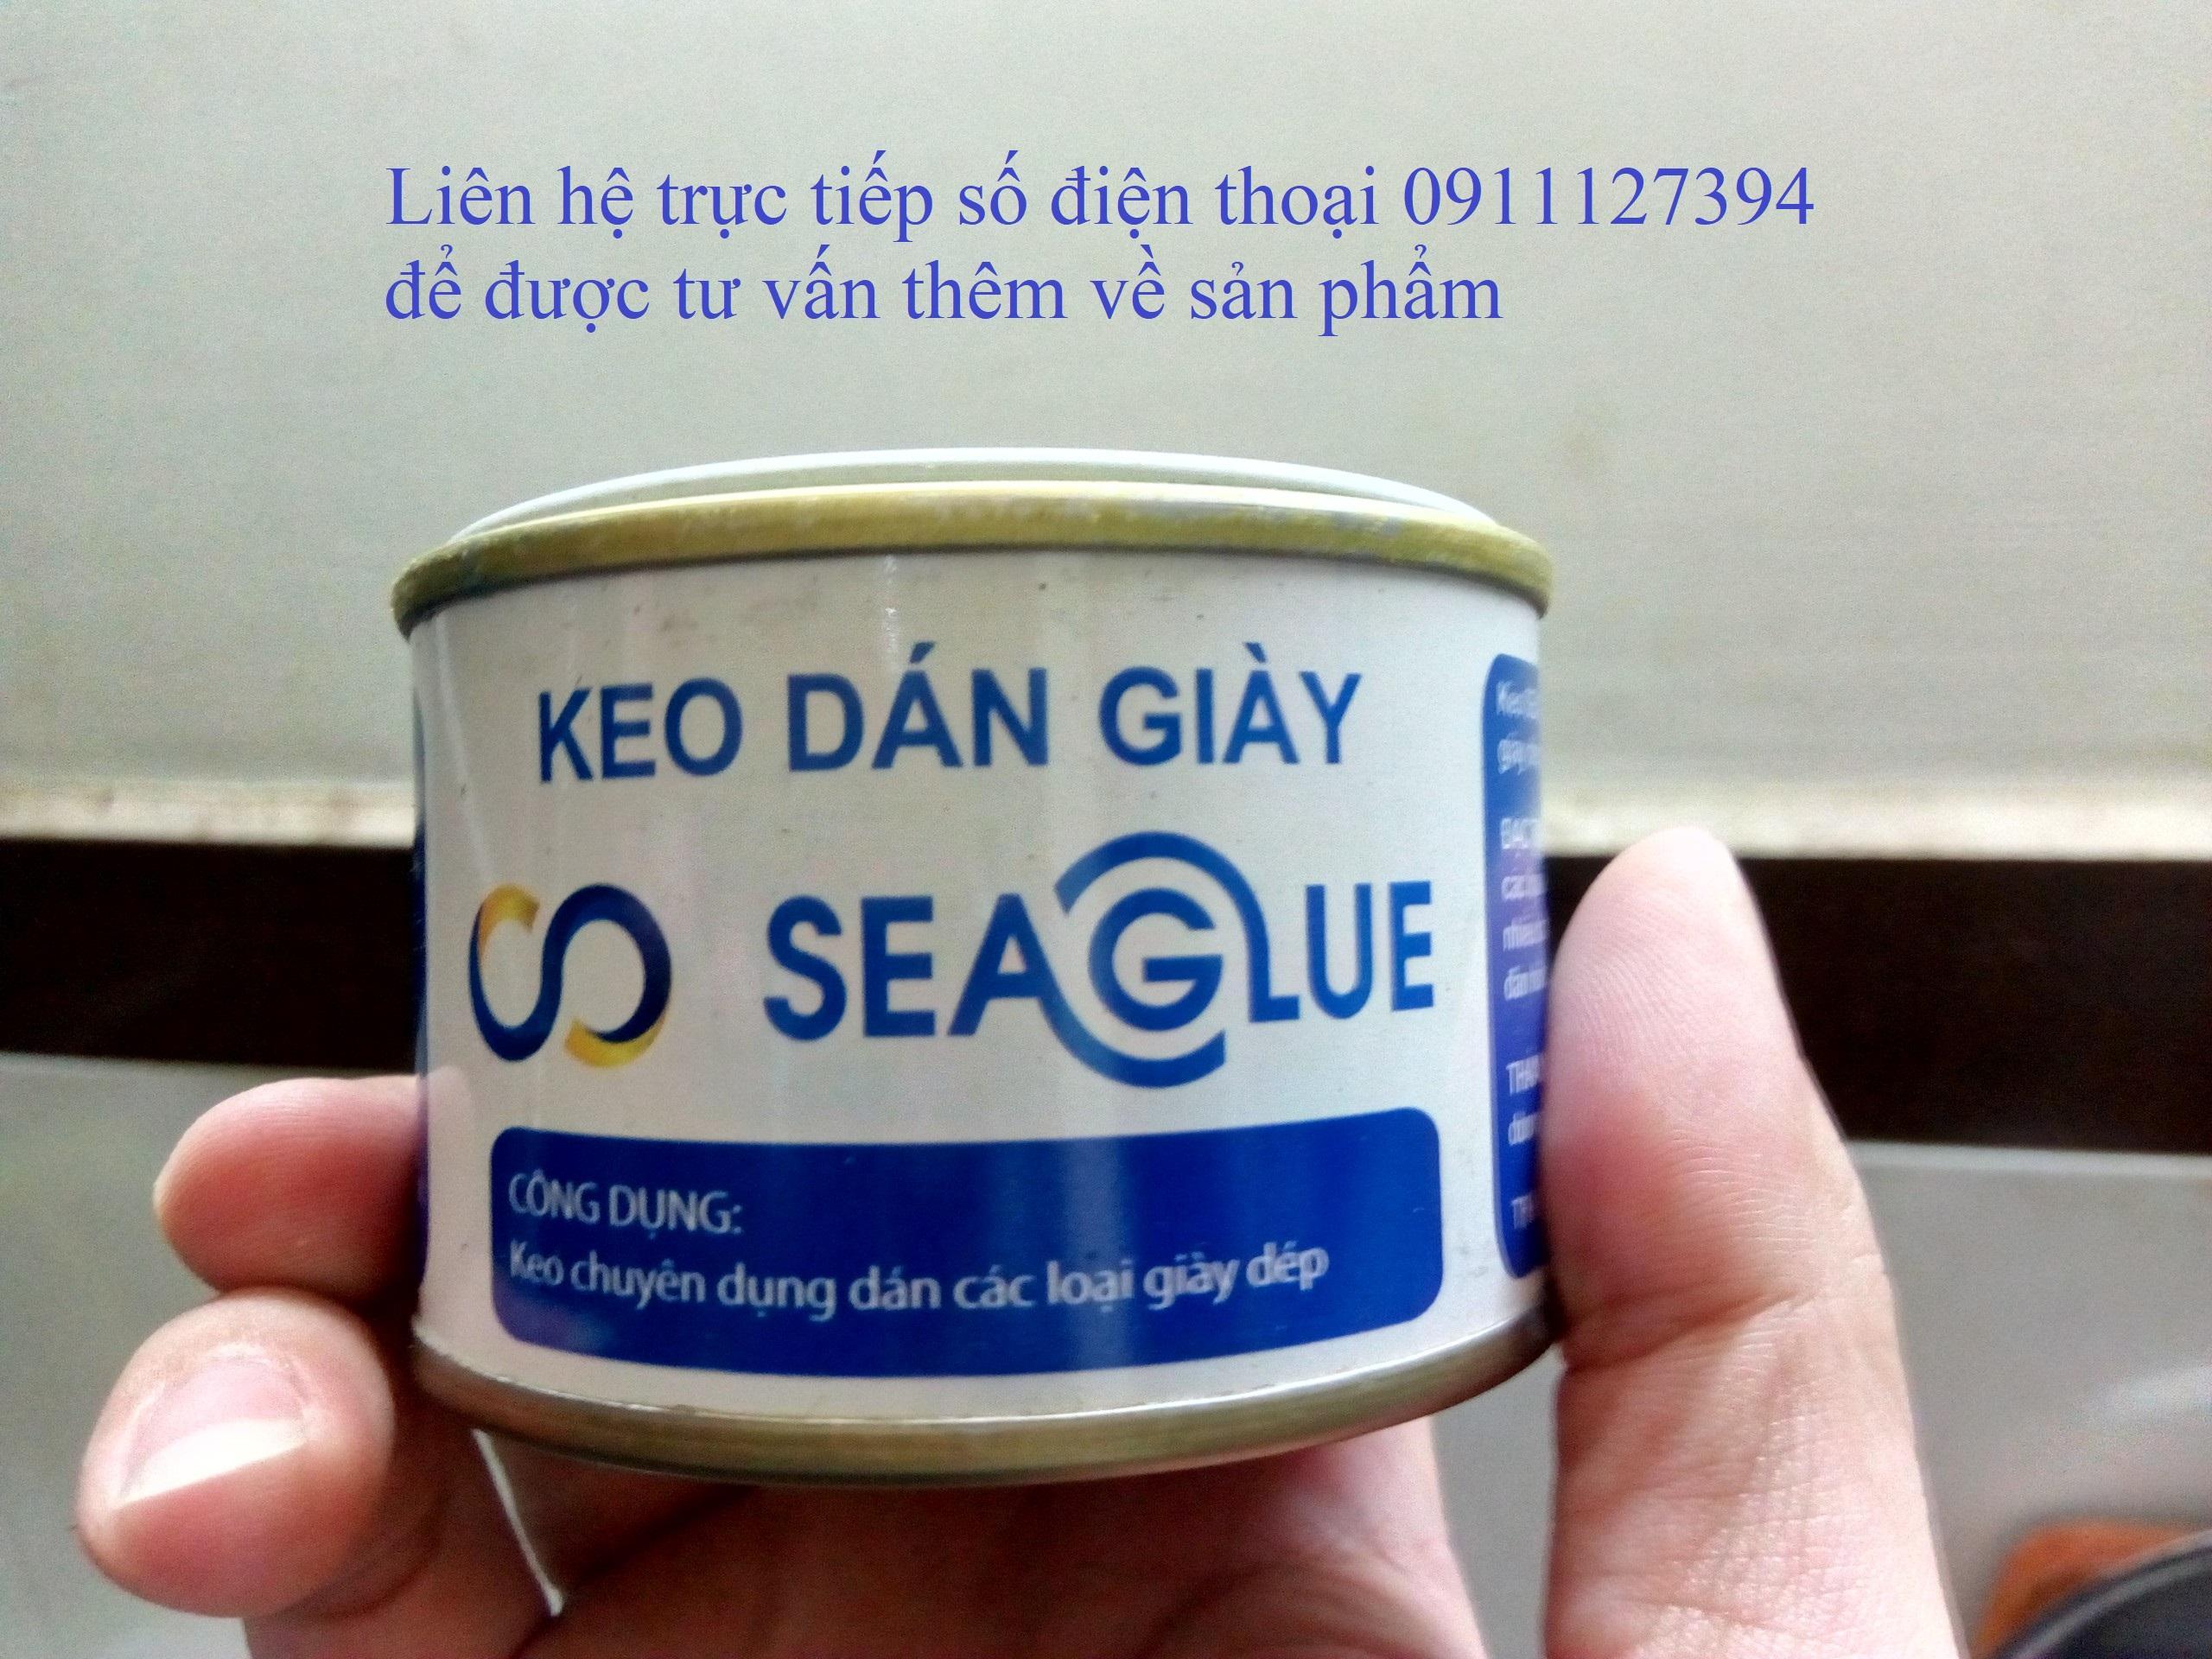 Keo Dán Giày Thể Thao, Keo Dán Giày Seaglue 100ml Có Giá Tốt